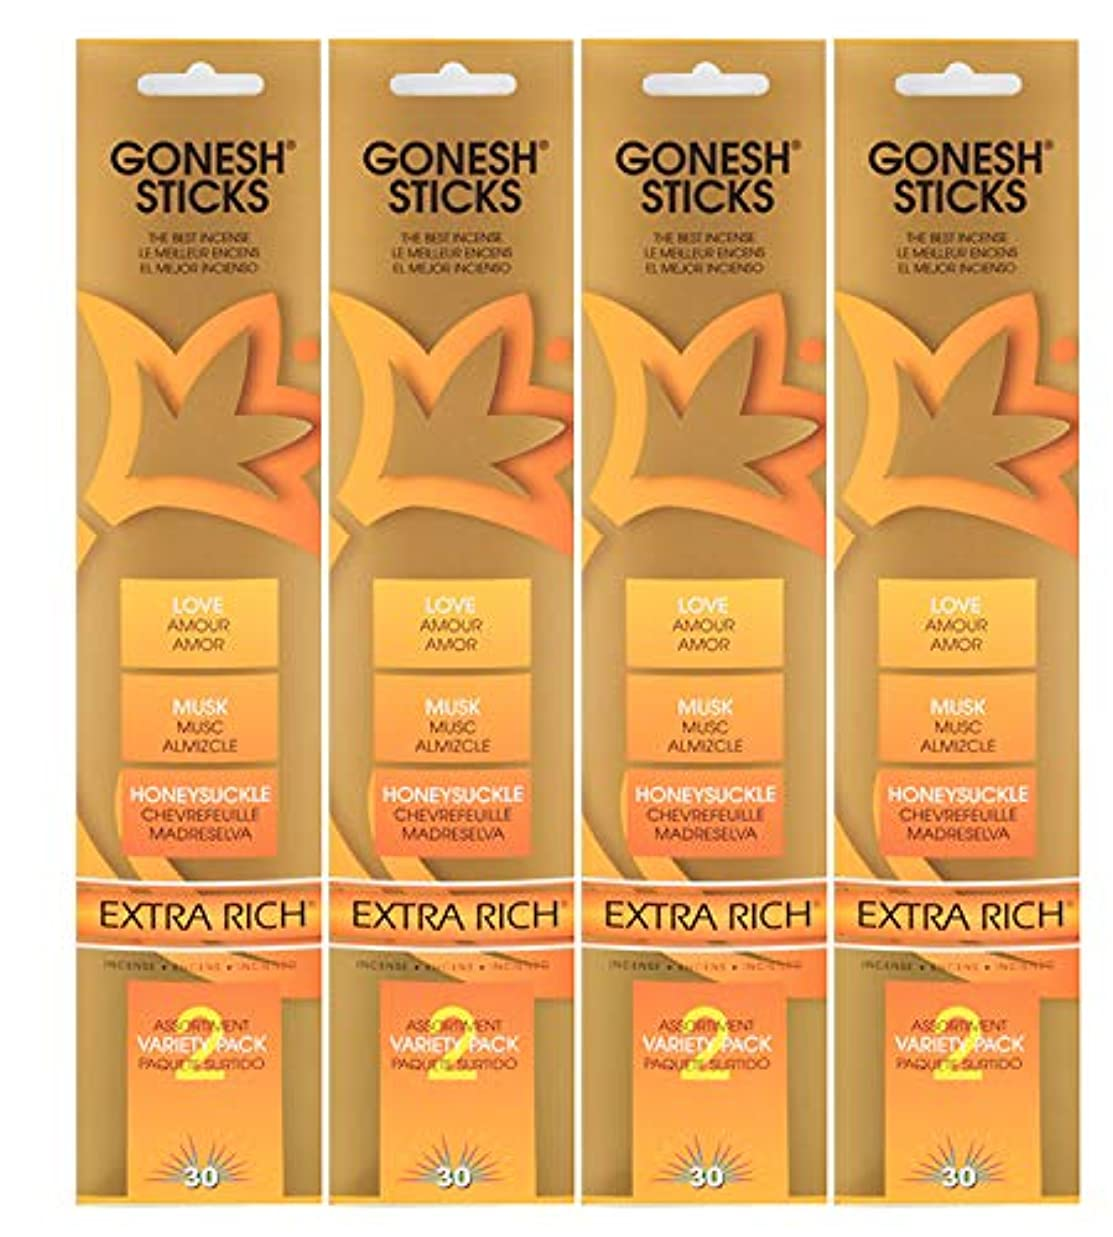 病んでいる増幅する識別Gonesh Incense Sticks – Extra Rich Variety Pack # 2 (愛、ムスク、スイカズラ) Lot of 4